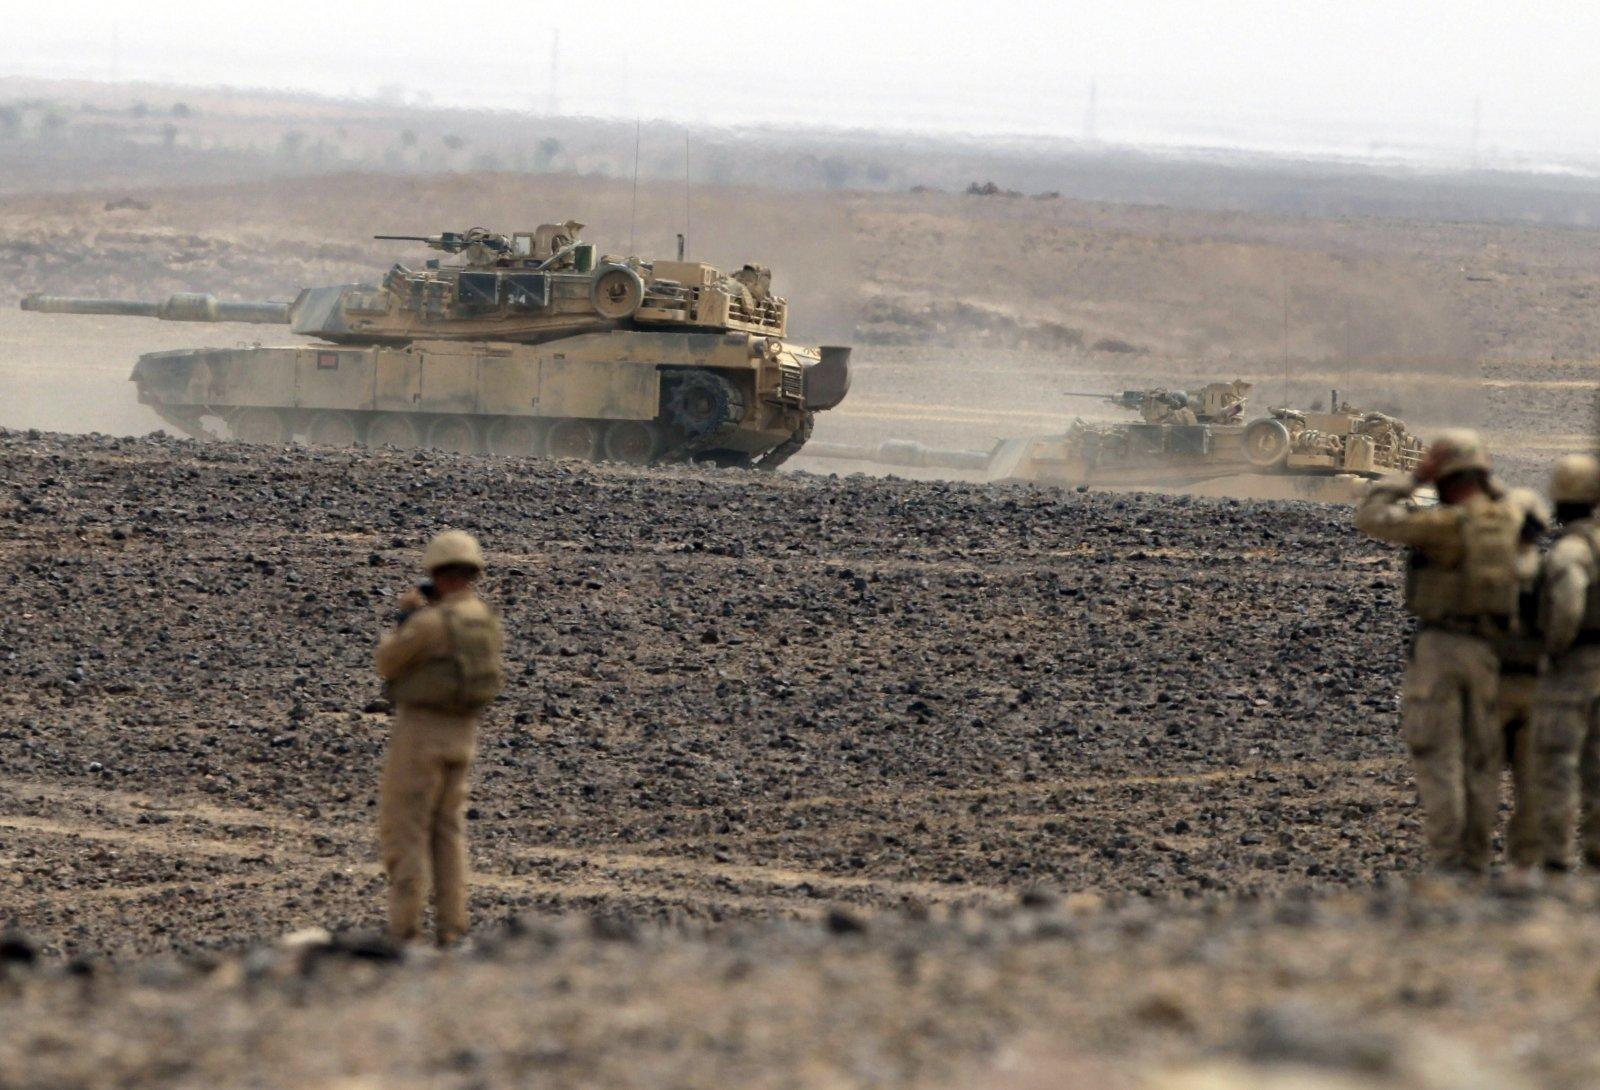 Пентагон представит план усиления военного присутствия на Ближнем Востоке